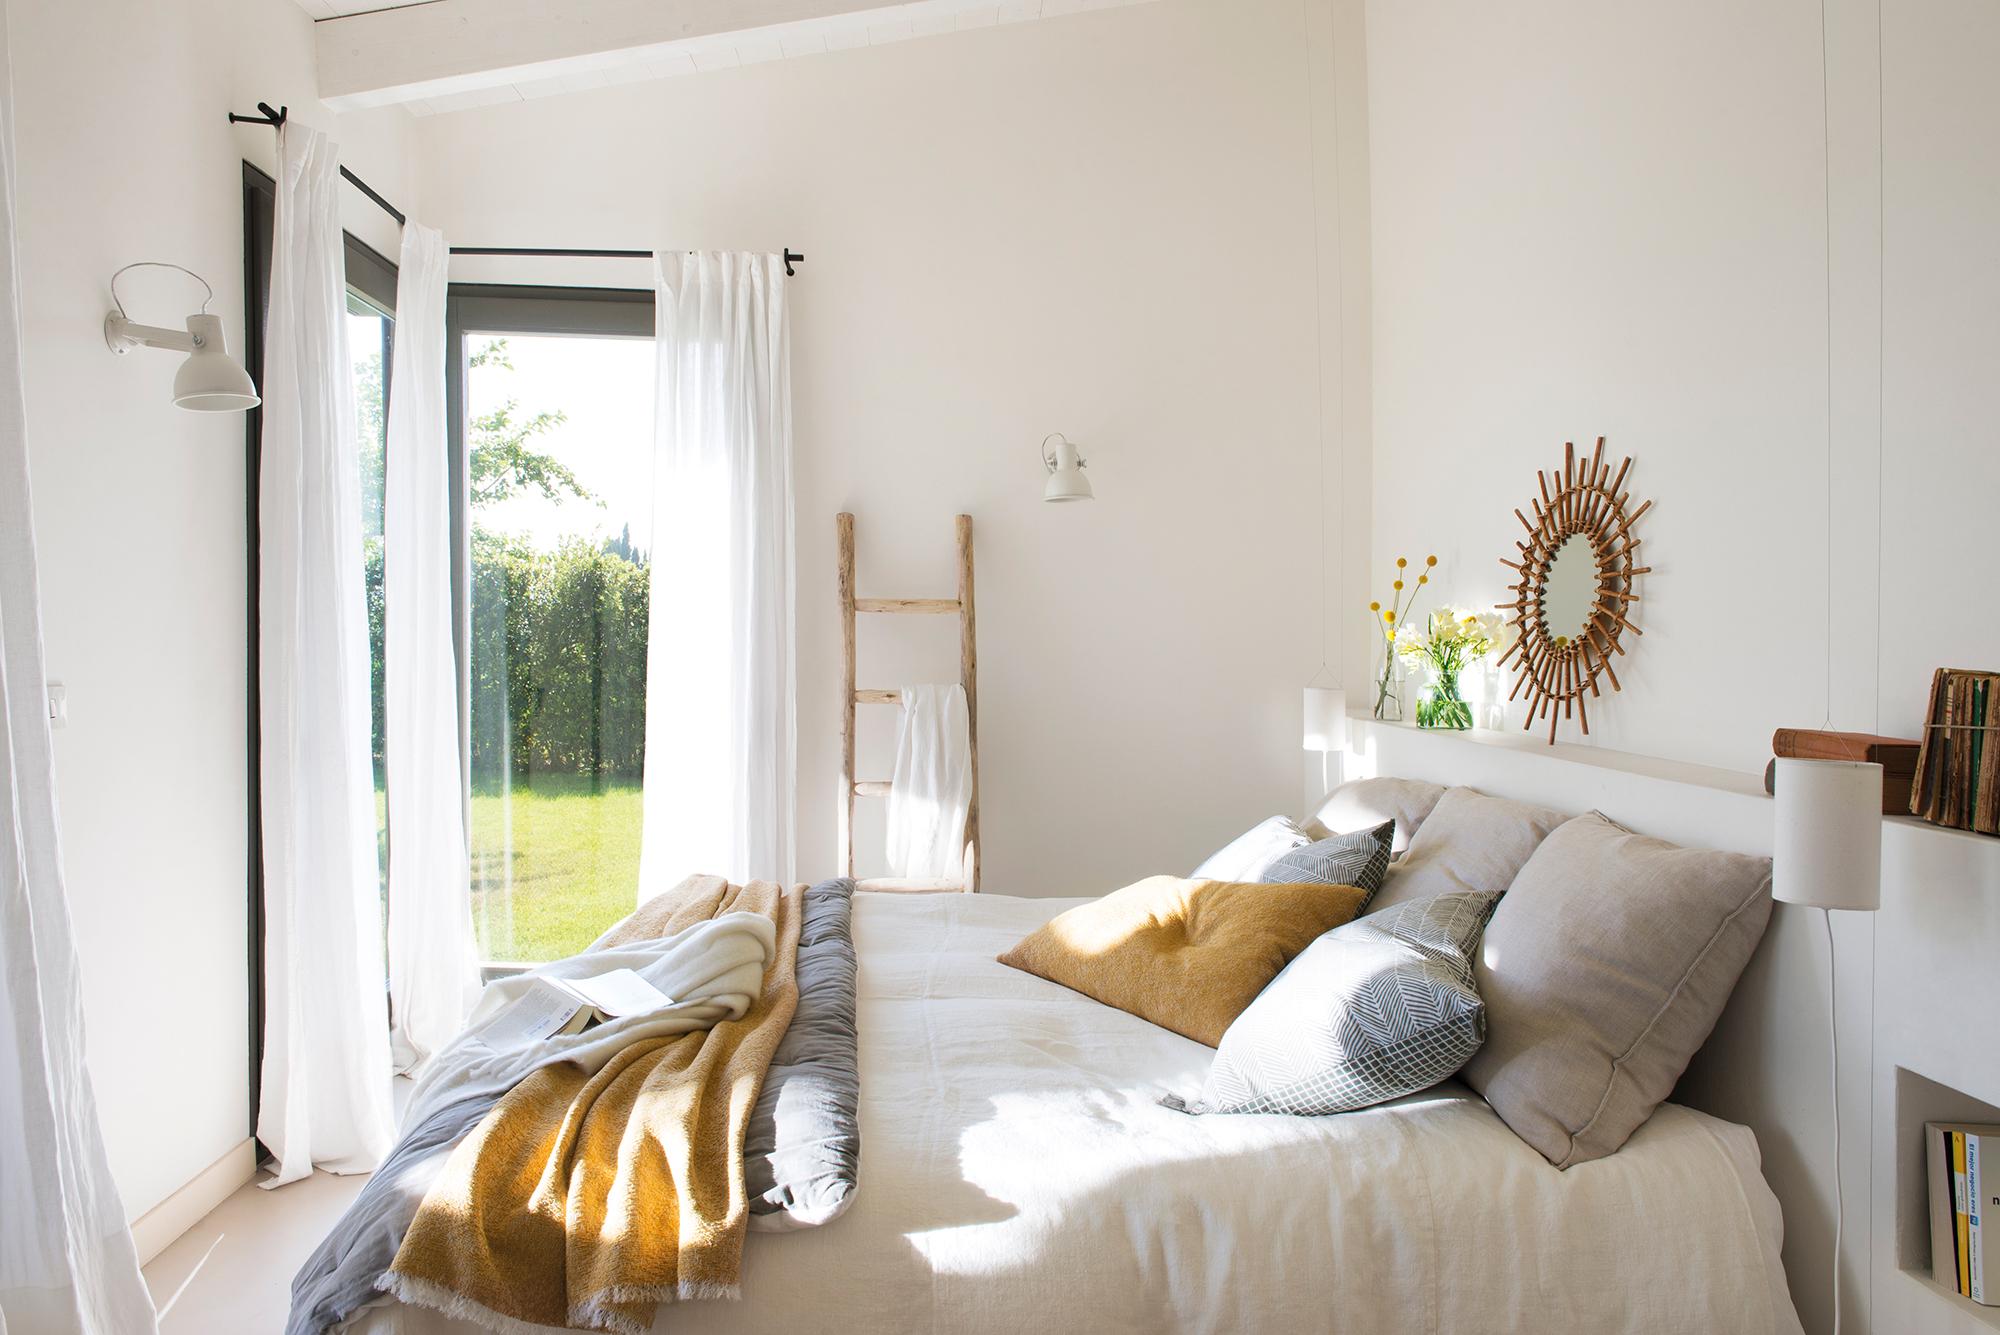 Renovar El Dormitorio 12 Propuestas Inspiradoras